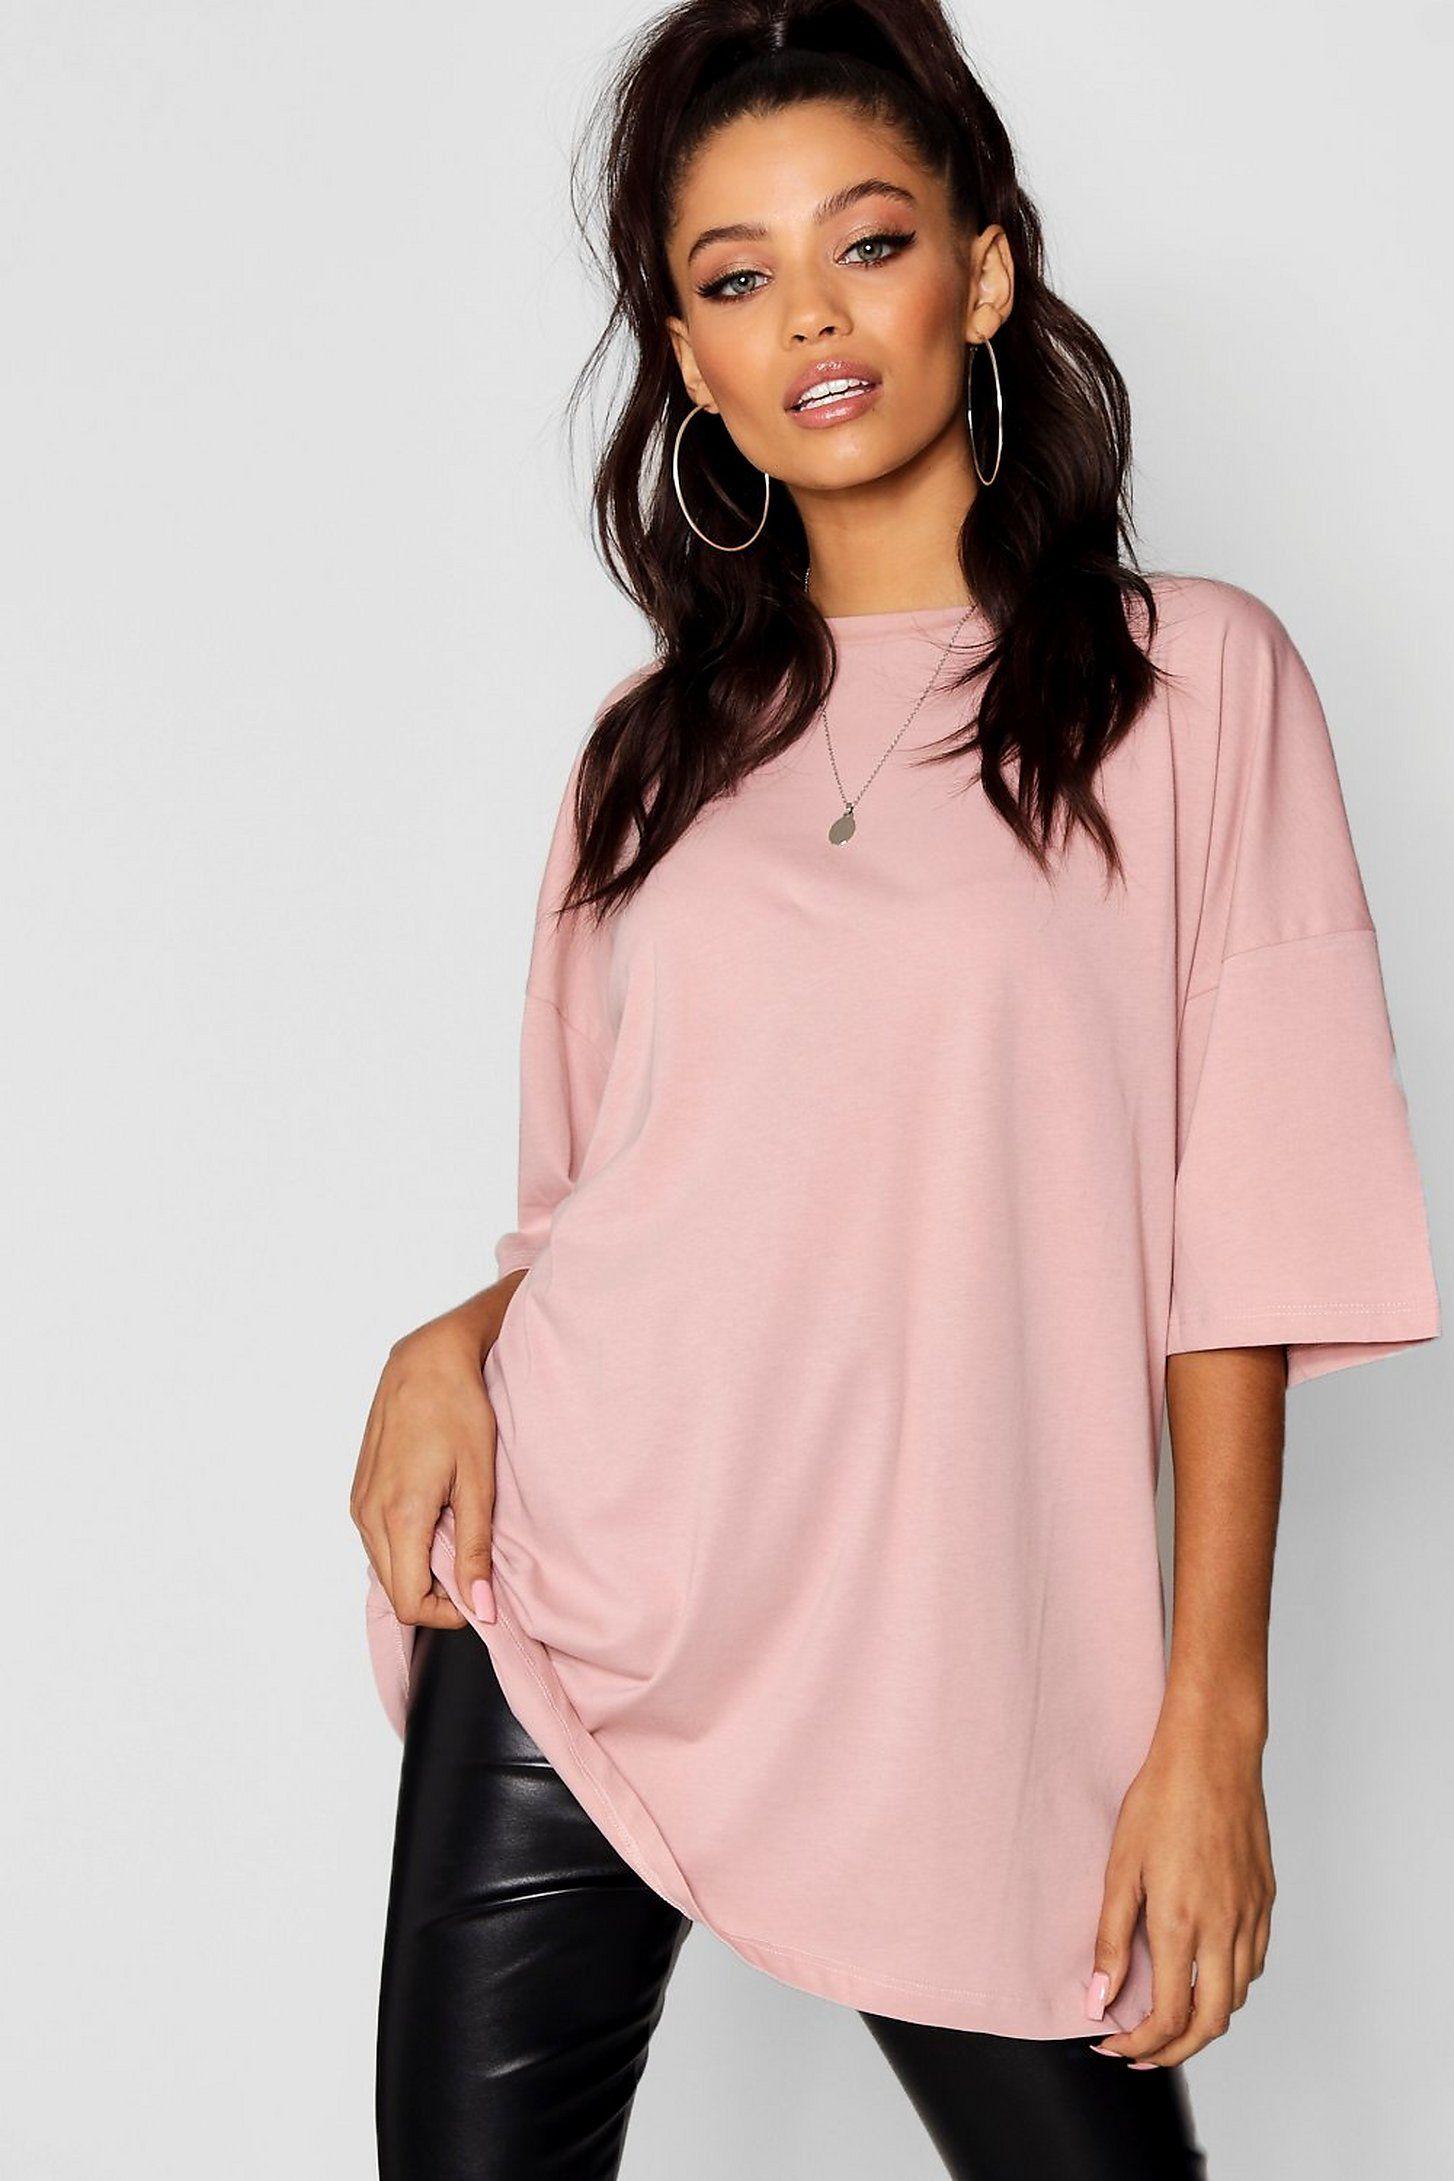 Basic Washed Oversized T-Shirt | boohoo in 2021 | Oversized tshirt ...